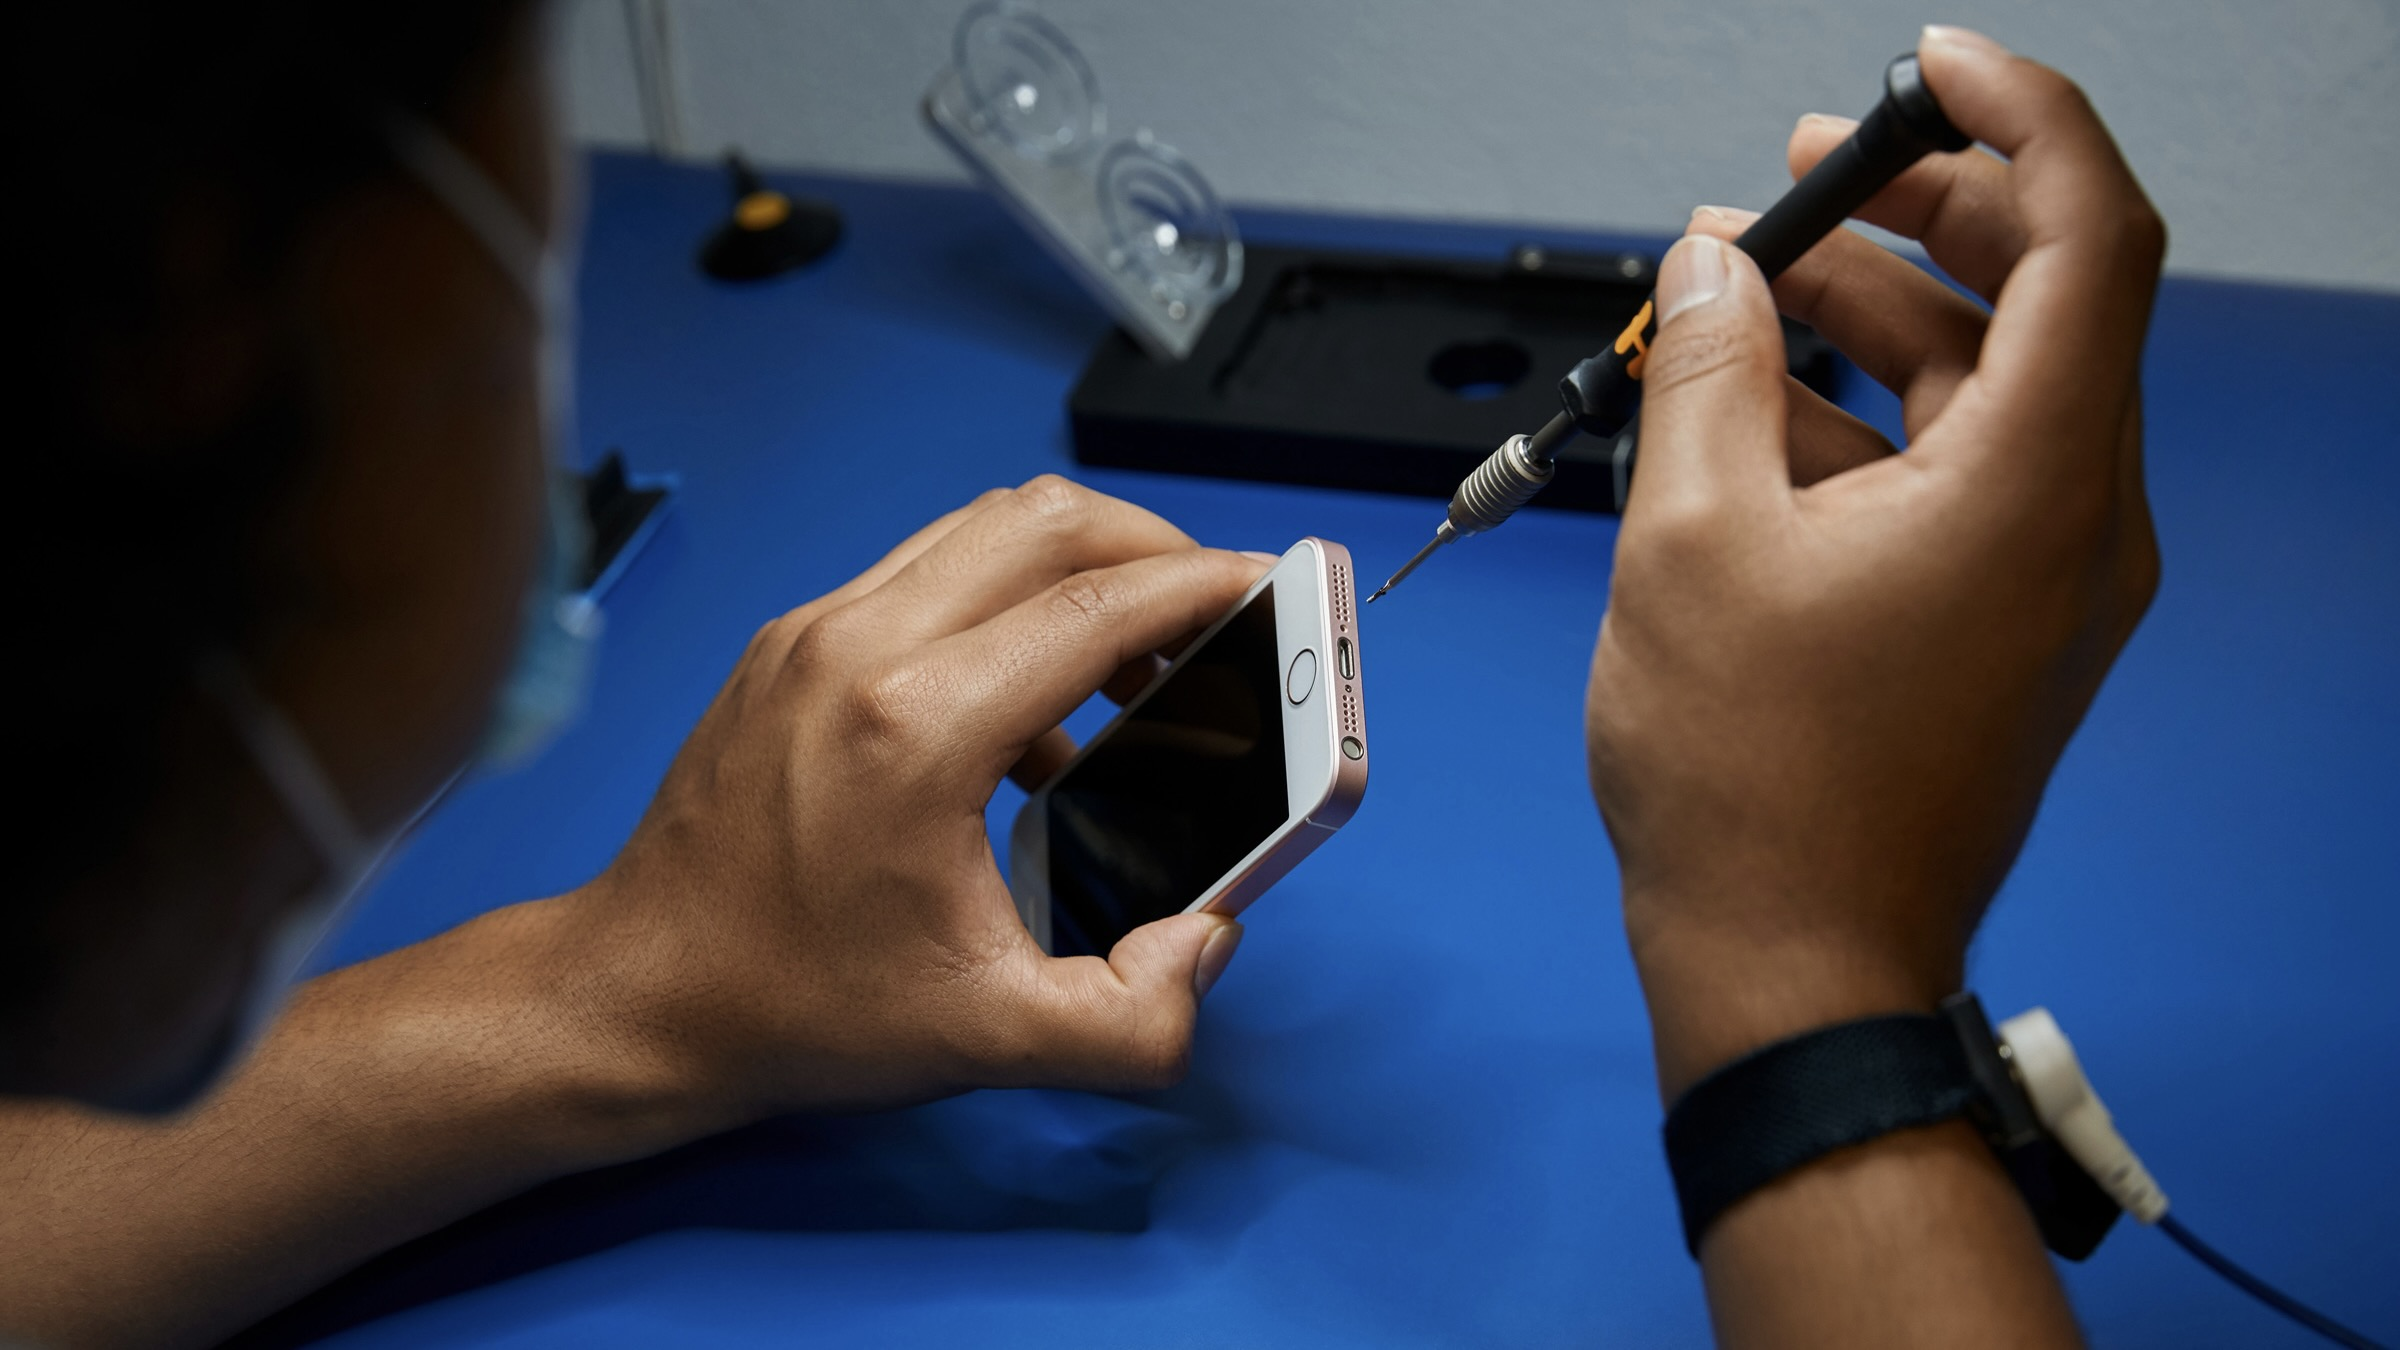 Apple mở rộng chương trình Nha cung cấp sửa chữa độc lập đến hơn 200 quốc gia mới